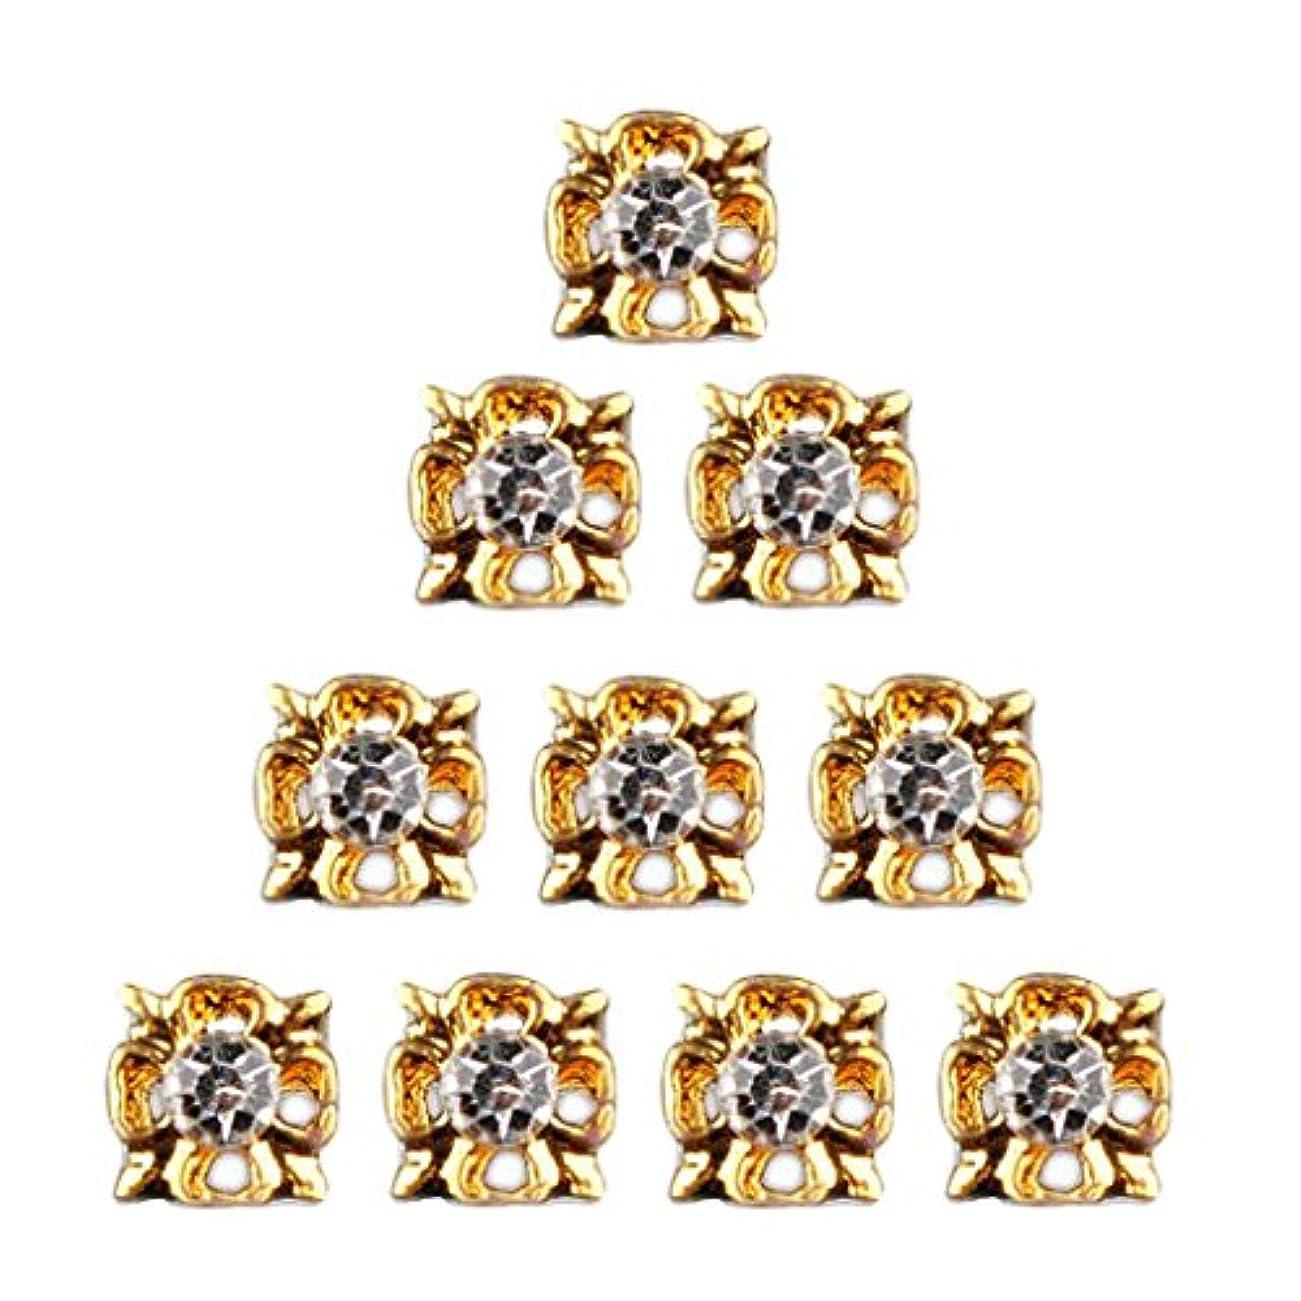 香りステレオタイプ梨ネイルアート ダイヤモンド ネイルデザイン 3D ヒントステッカー ネイルデコレーション 全8種類 - 4